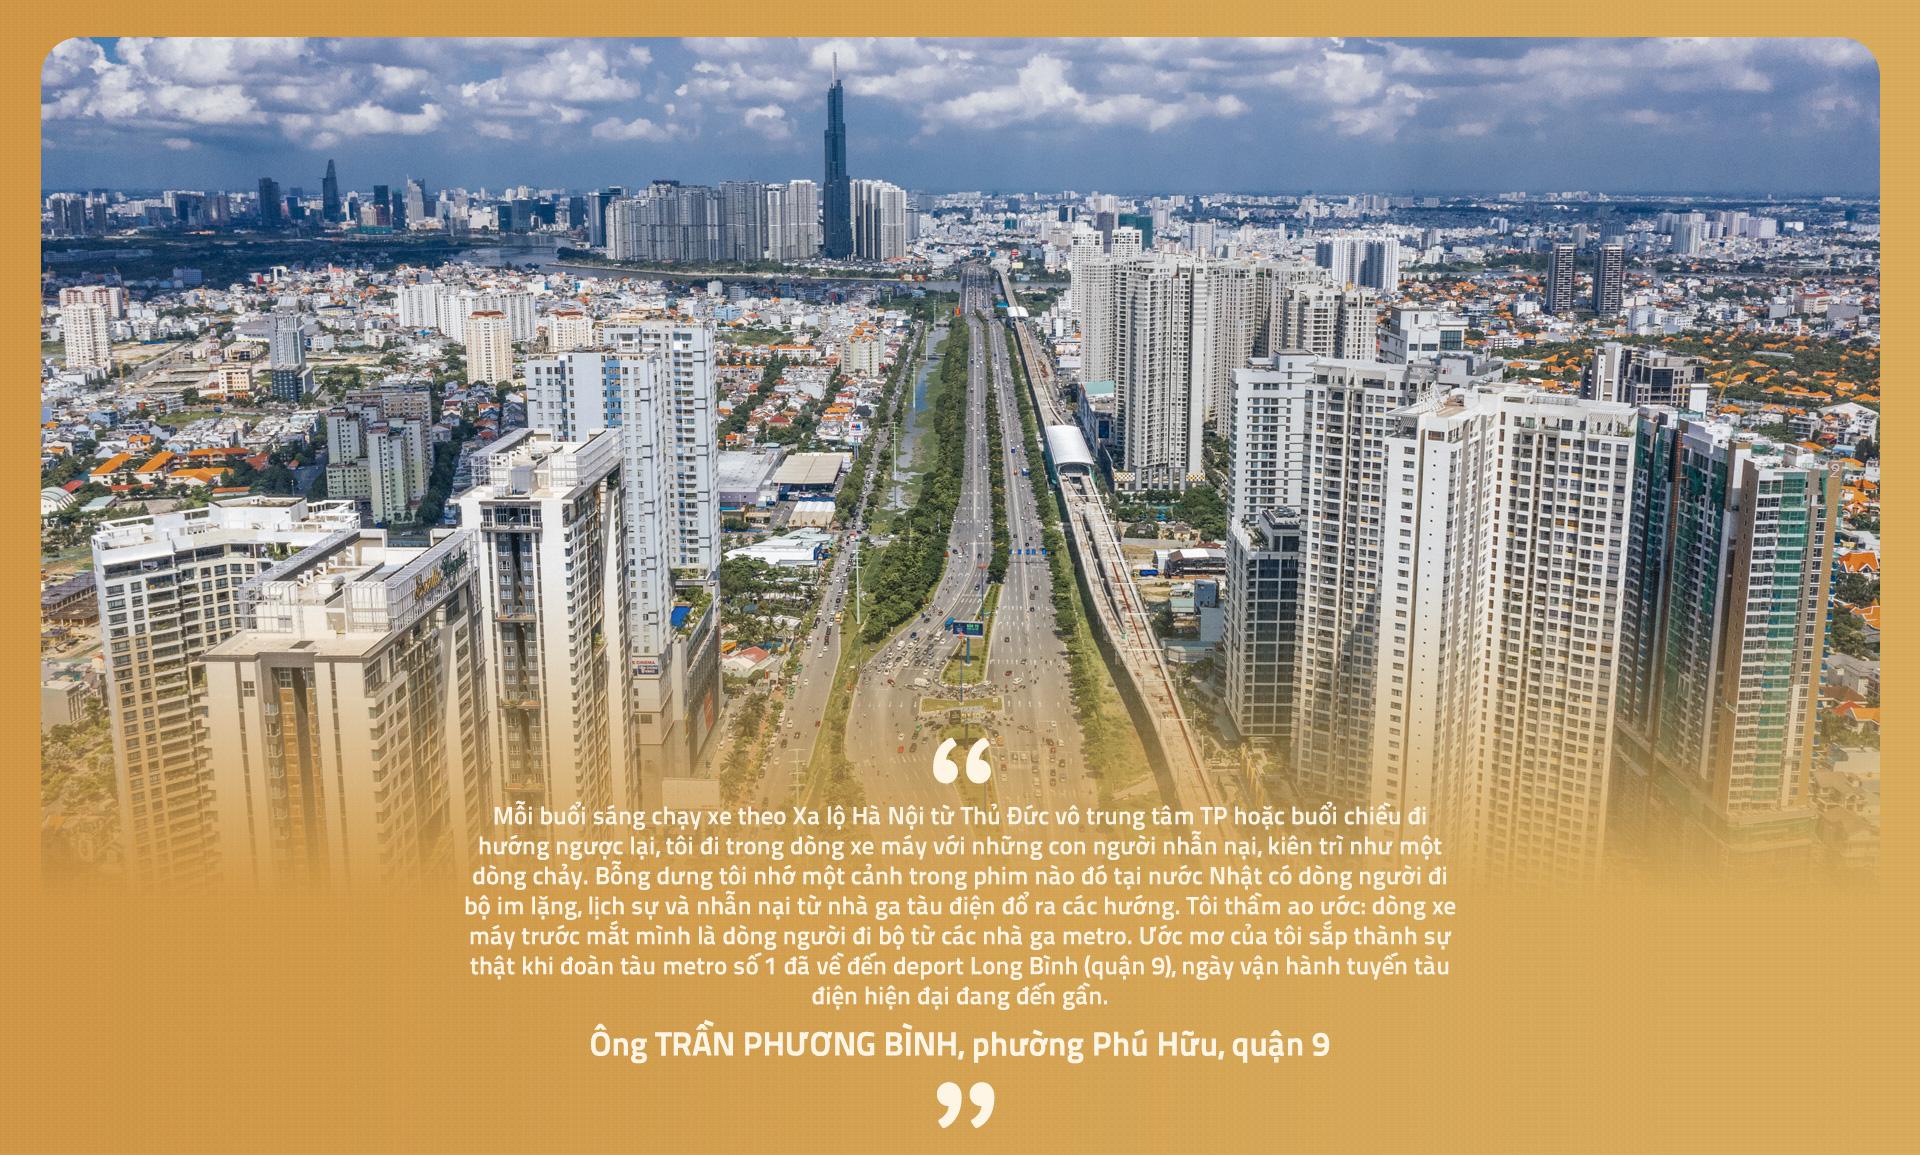 7 công trình hạ tầng thắp sáng thành phố Thủ Đức - Ảnh 16.